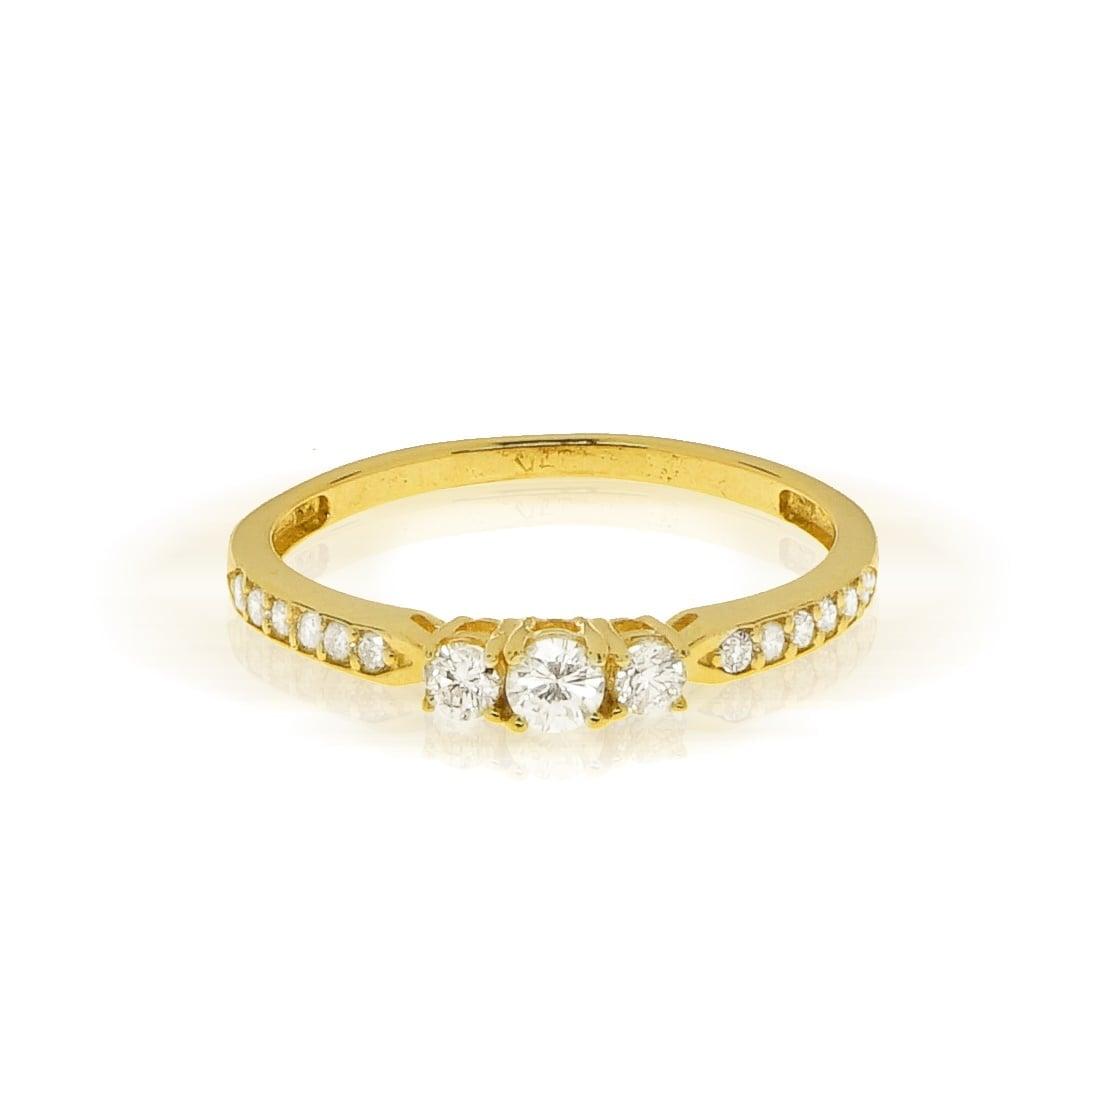 טבעת אירוסין יהלומים 0.32 קראט בזהב 14 קרט